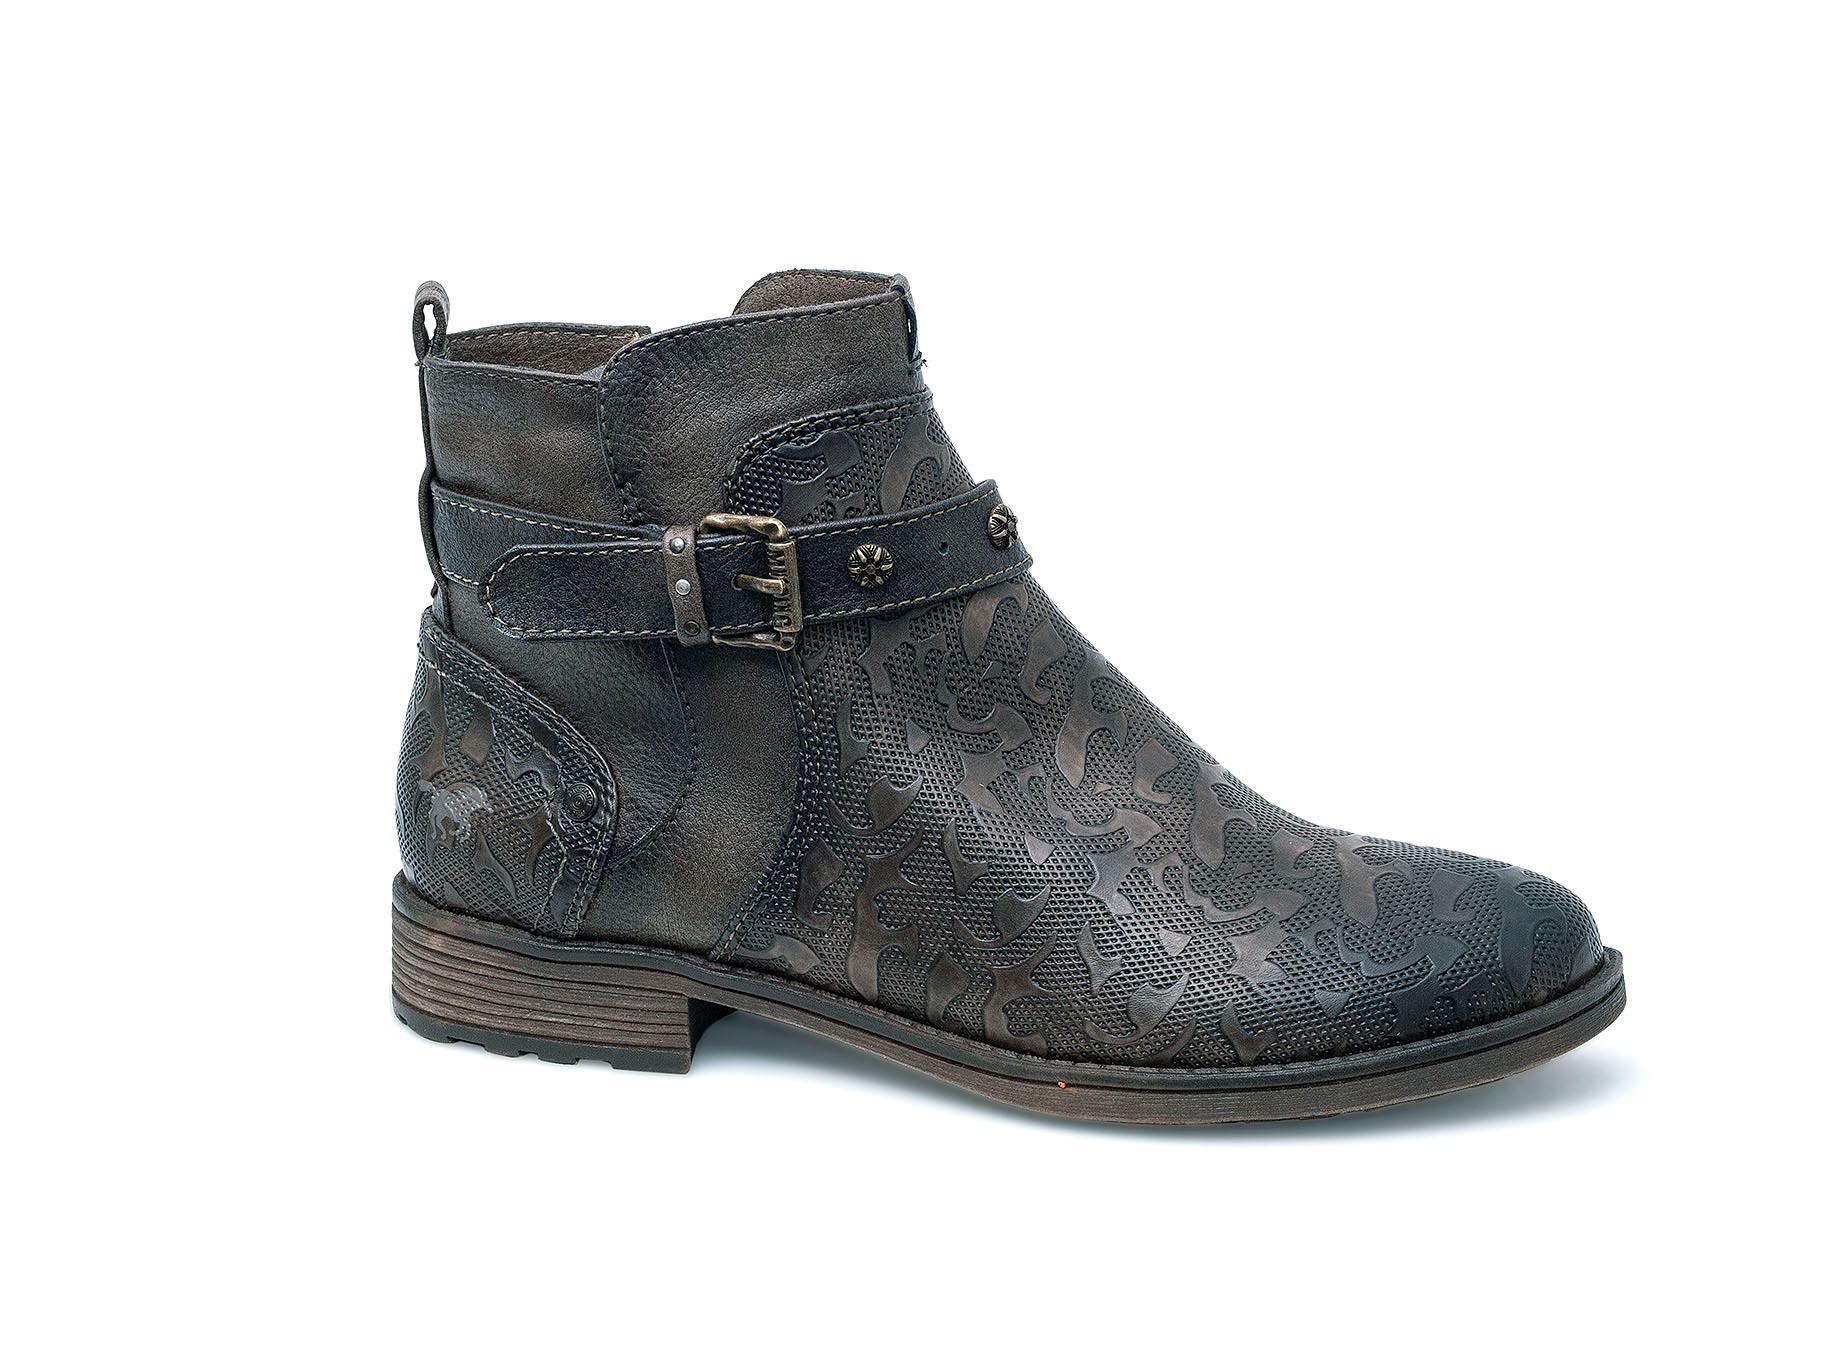 d52c95c6f Mustang botki, boots, stiefelette, polokozačky, polokozačky, čižmy nízke,  bottines, ...